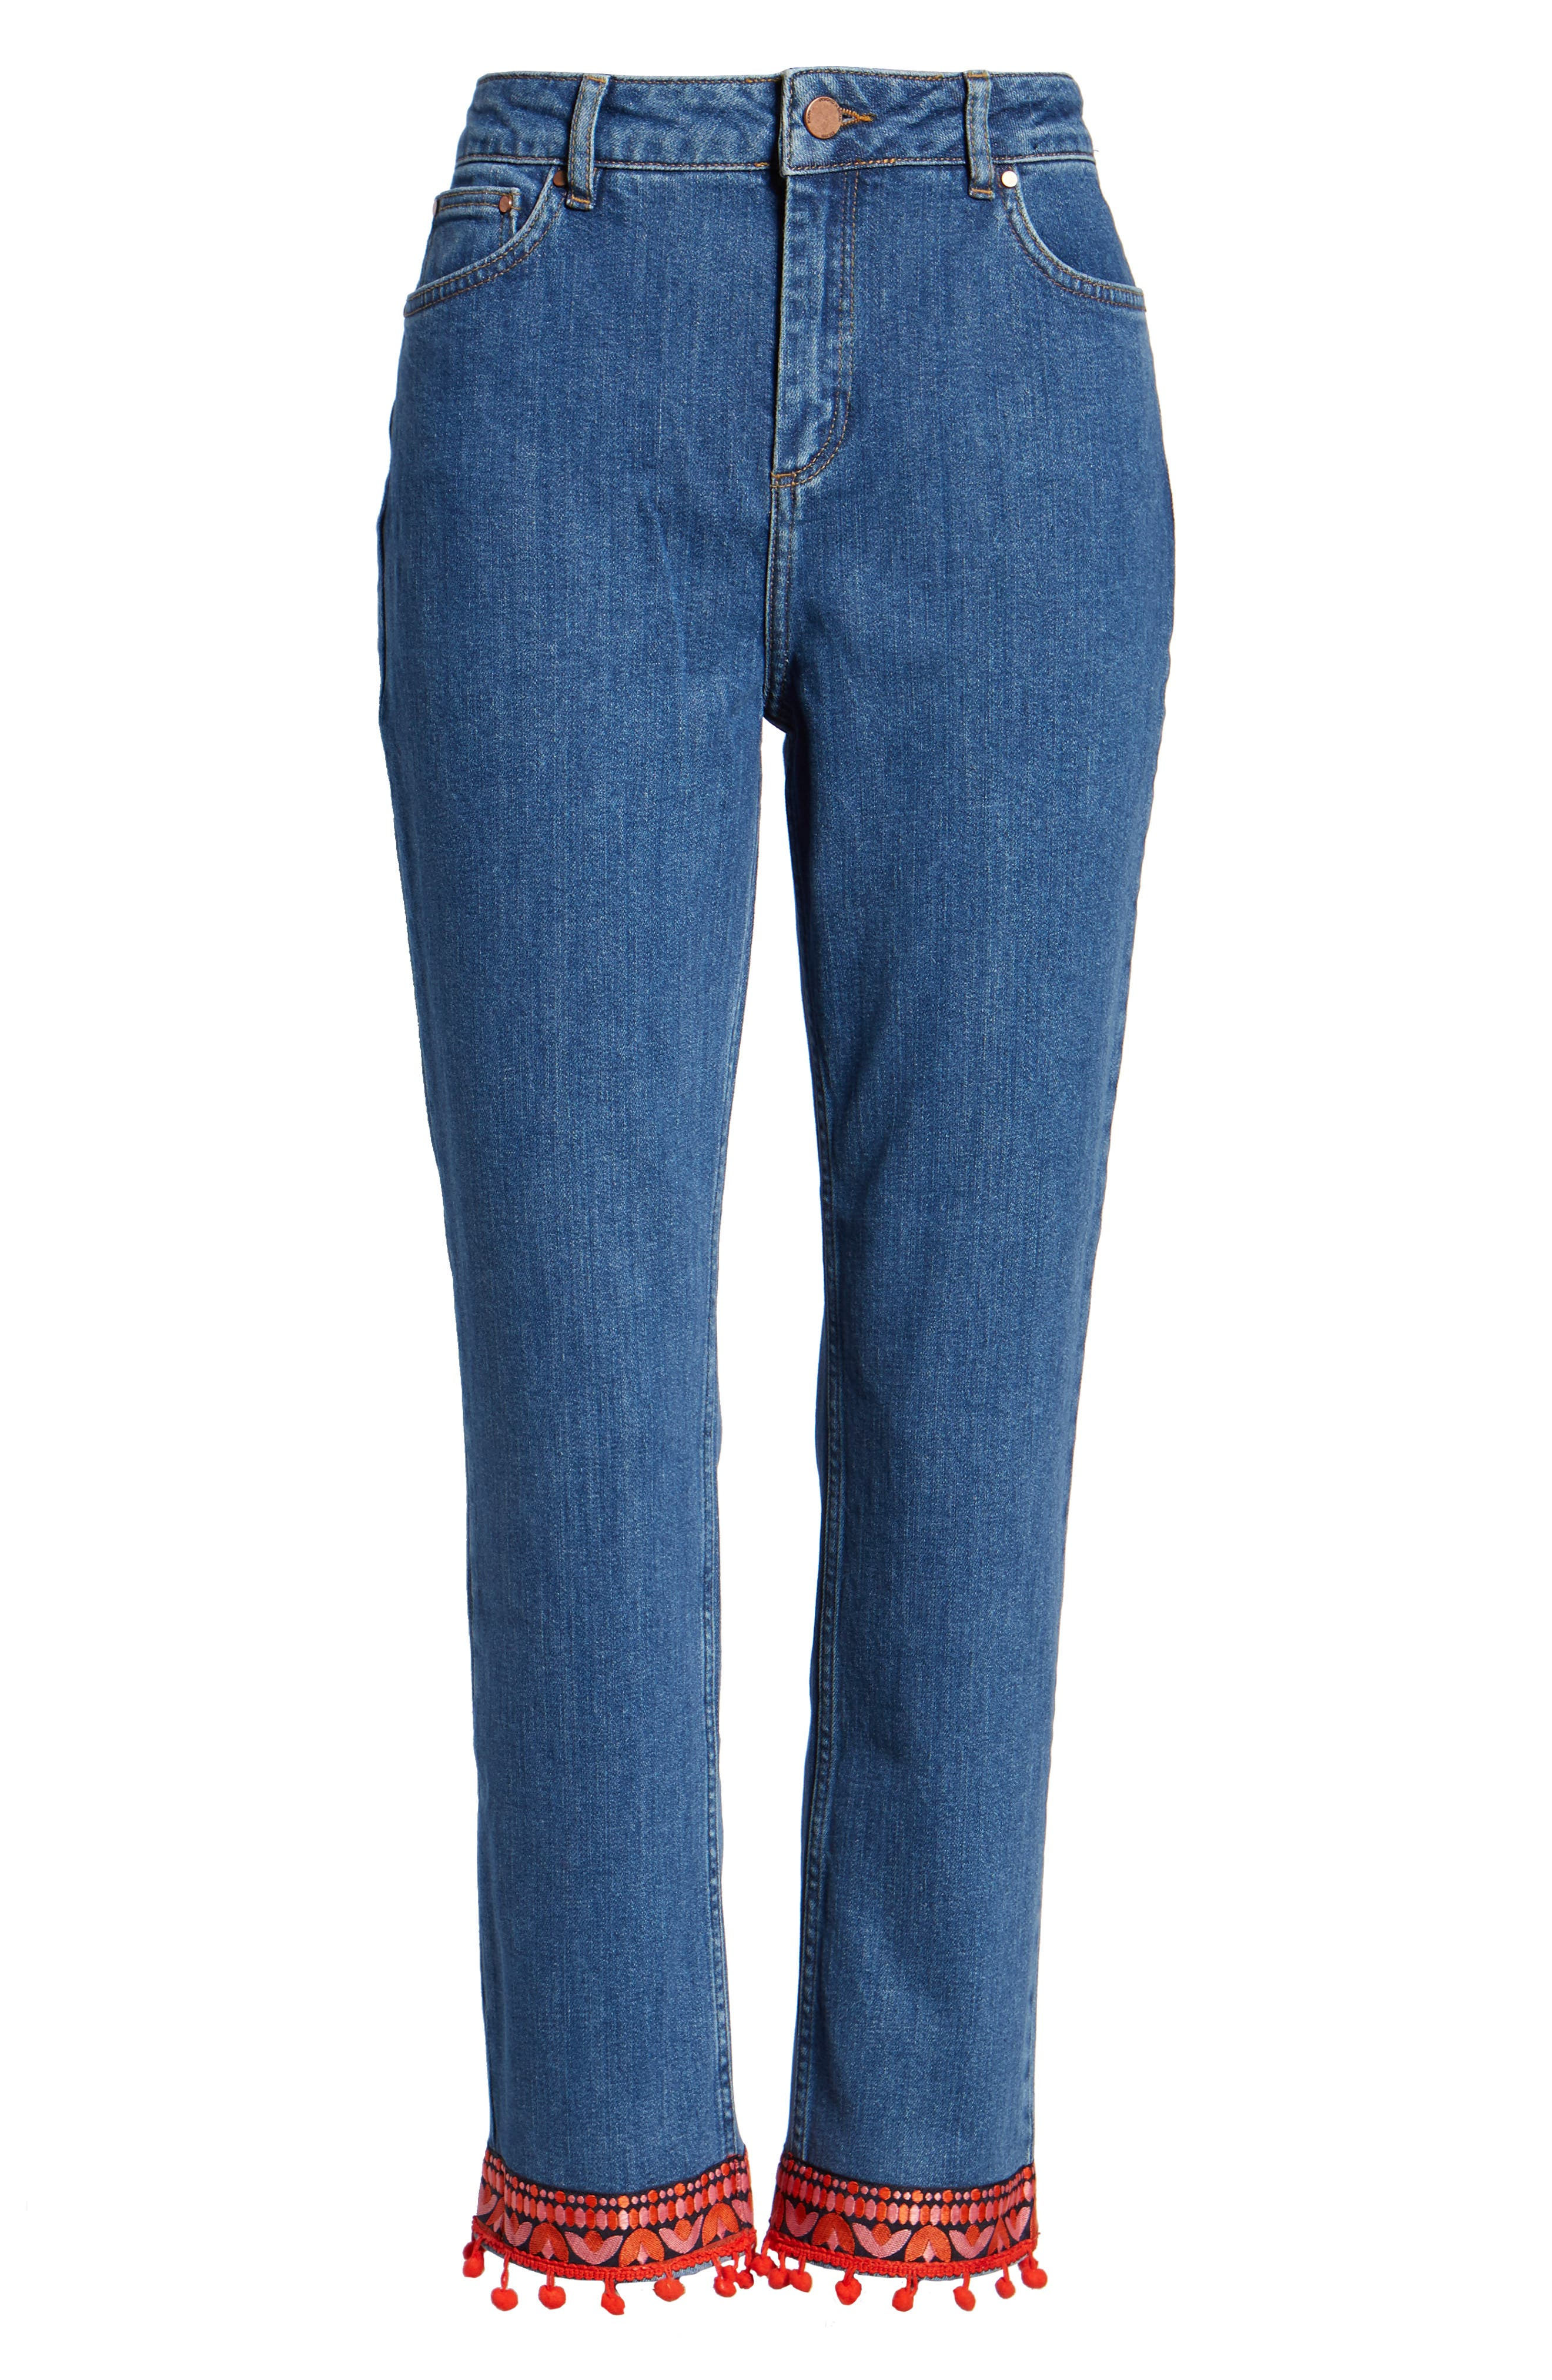 BODEN,                             Cambridge Embellished Ankle Skimmer Jeans,                             Alternate thumbnail 6, color,                             469